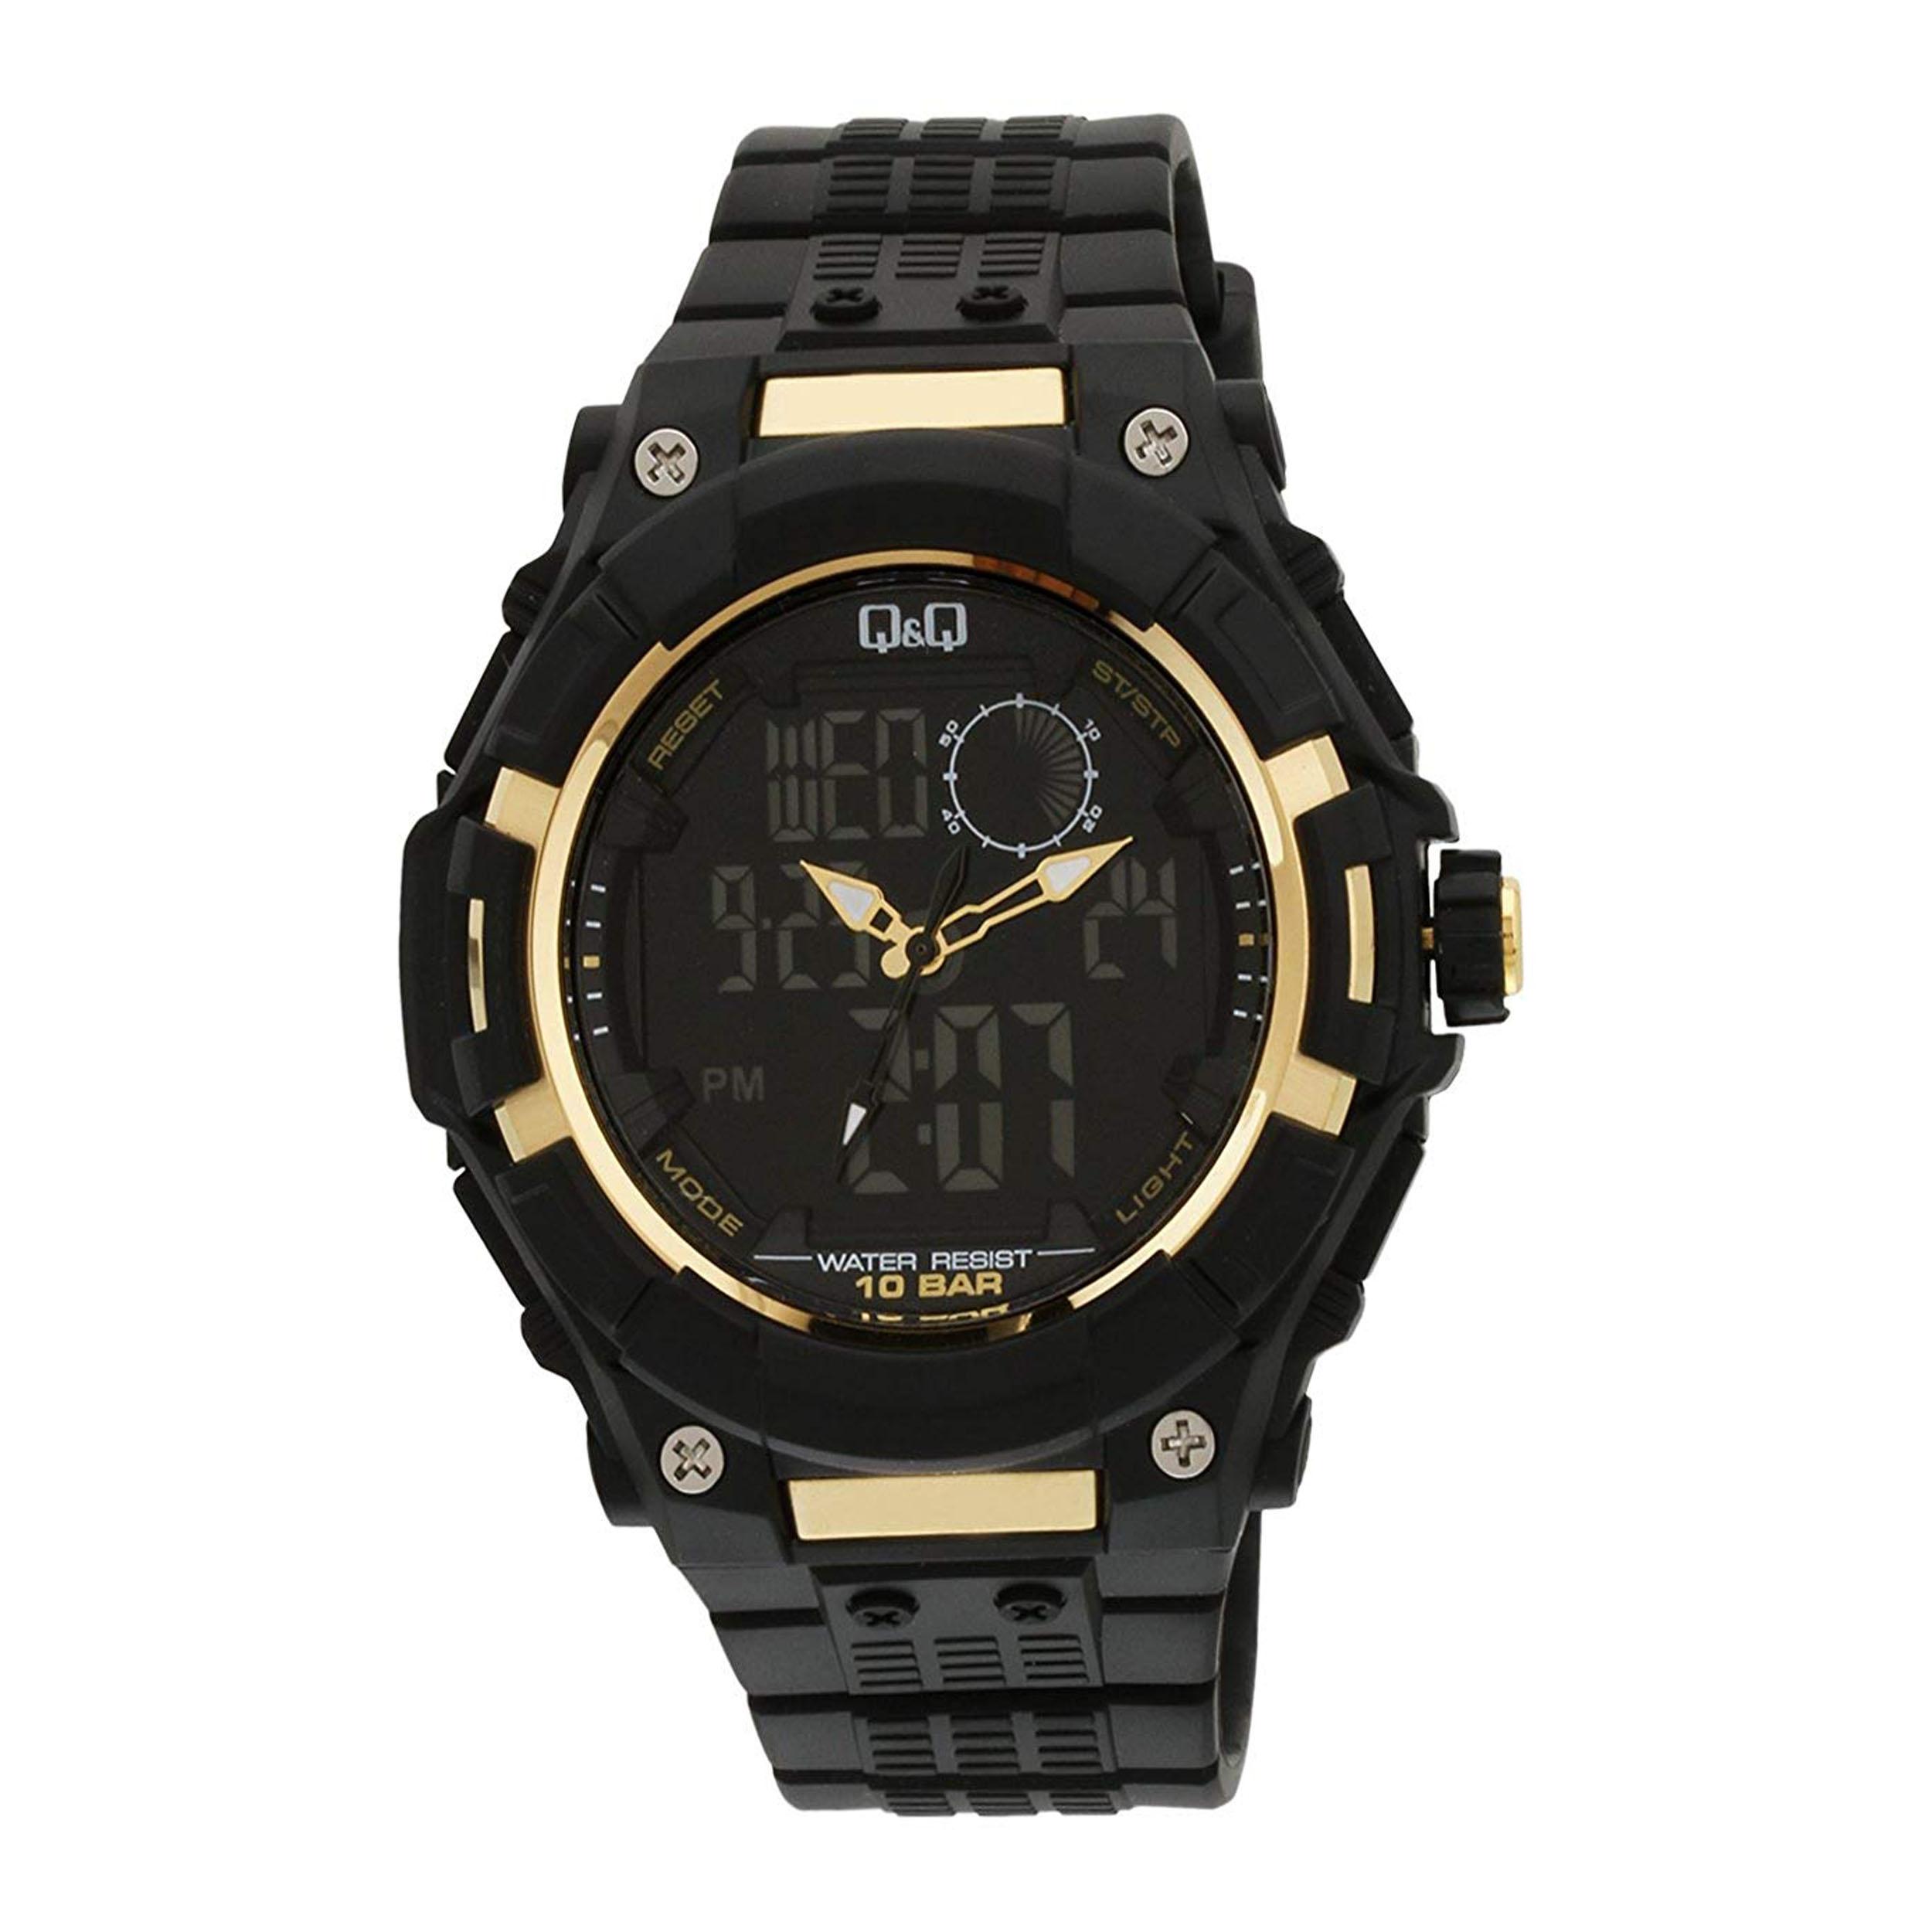 ساعت مچی دیجیتال مردانه کیو اند کیو مدل GW80J001Y